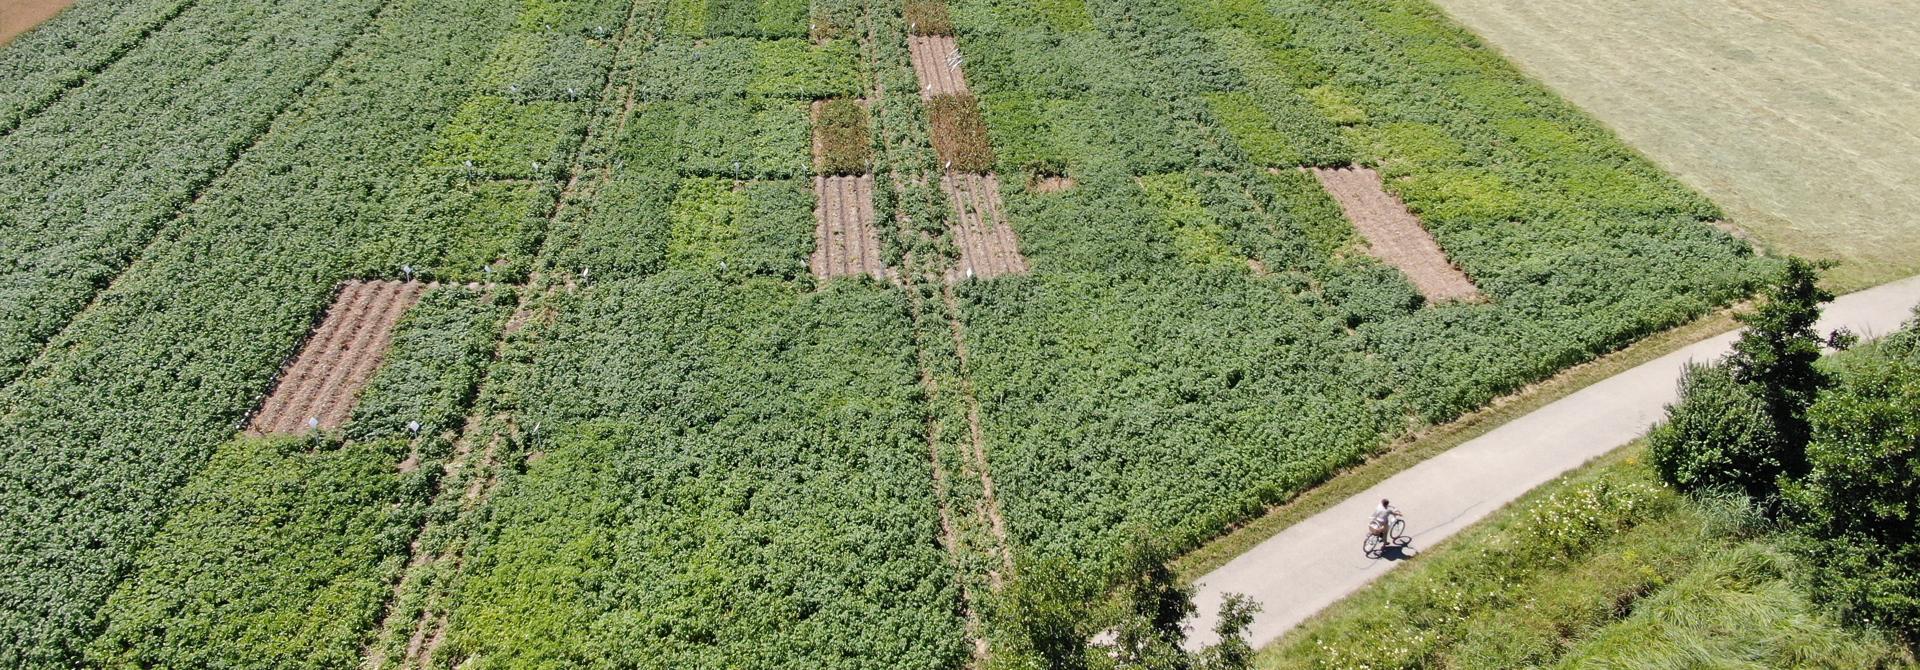 Die Kartoffel-Versuchsanlage in Humlikon am 7. Juli 2020>